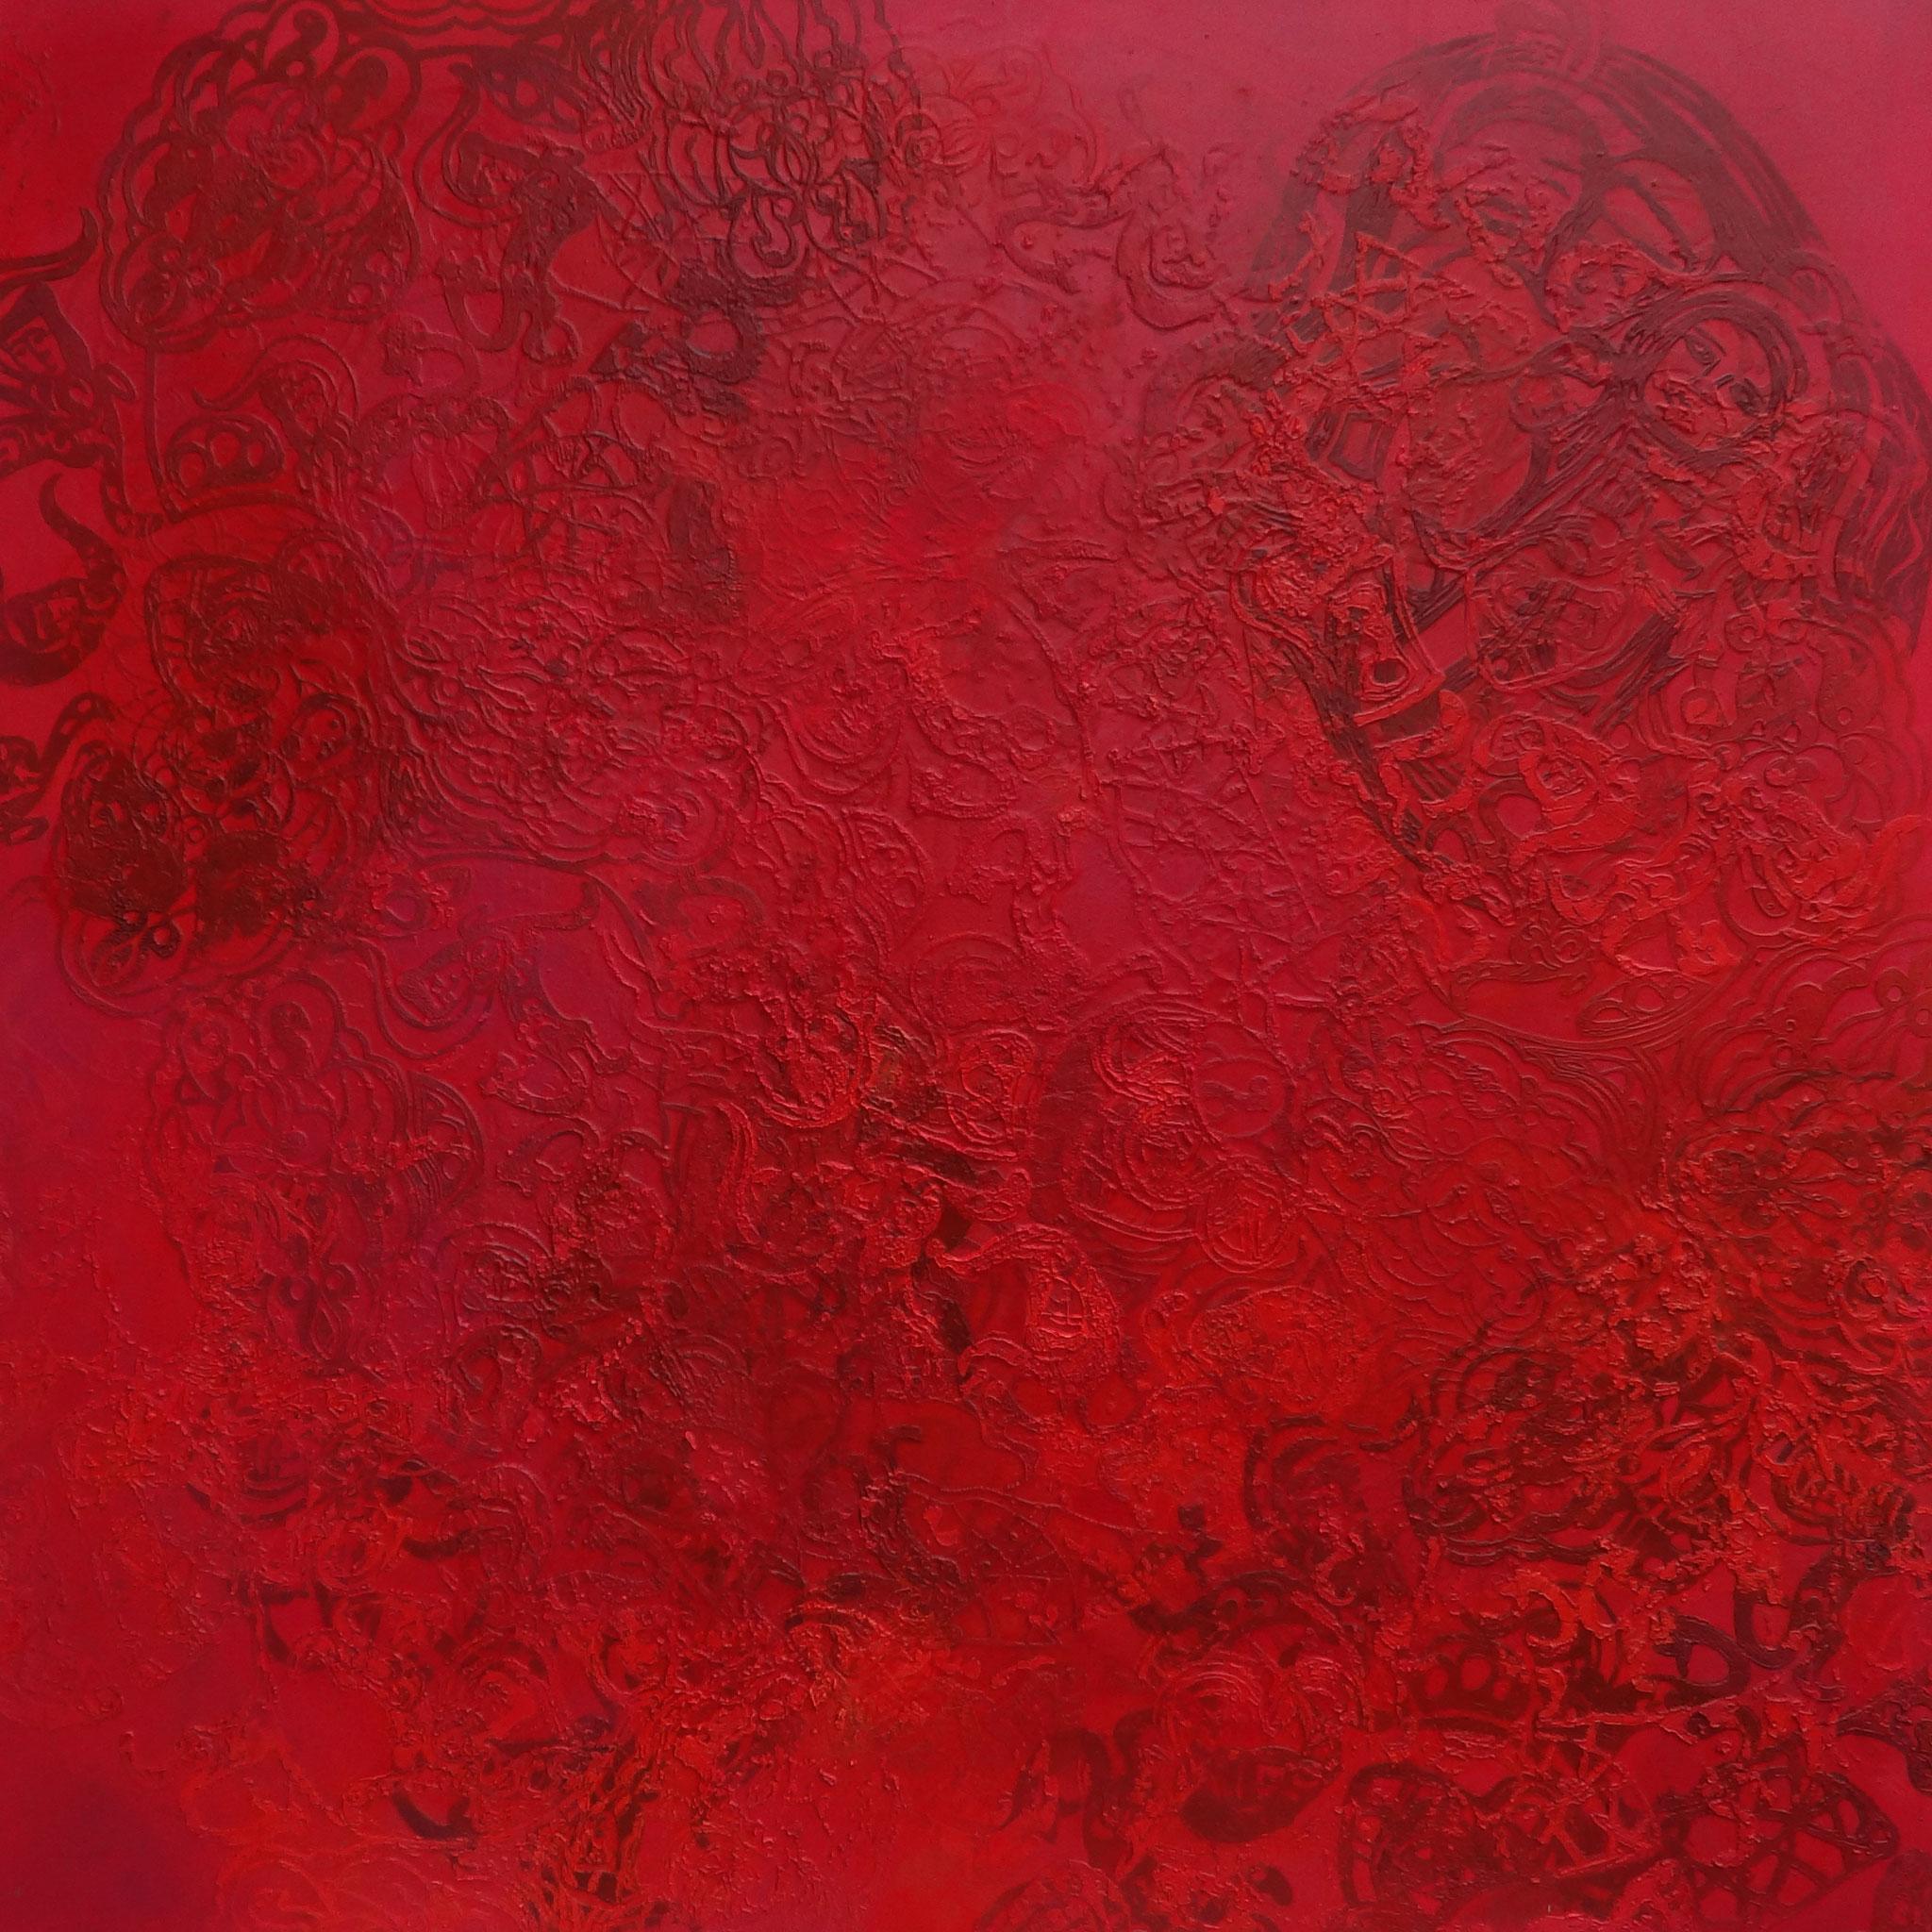 """""""Klostermosaik"""", 2012, 120 x 120 cm, Öl auf Leinwand (Foto: Ralf Timm)"""